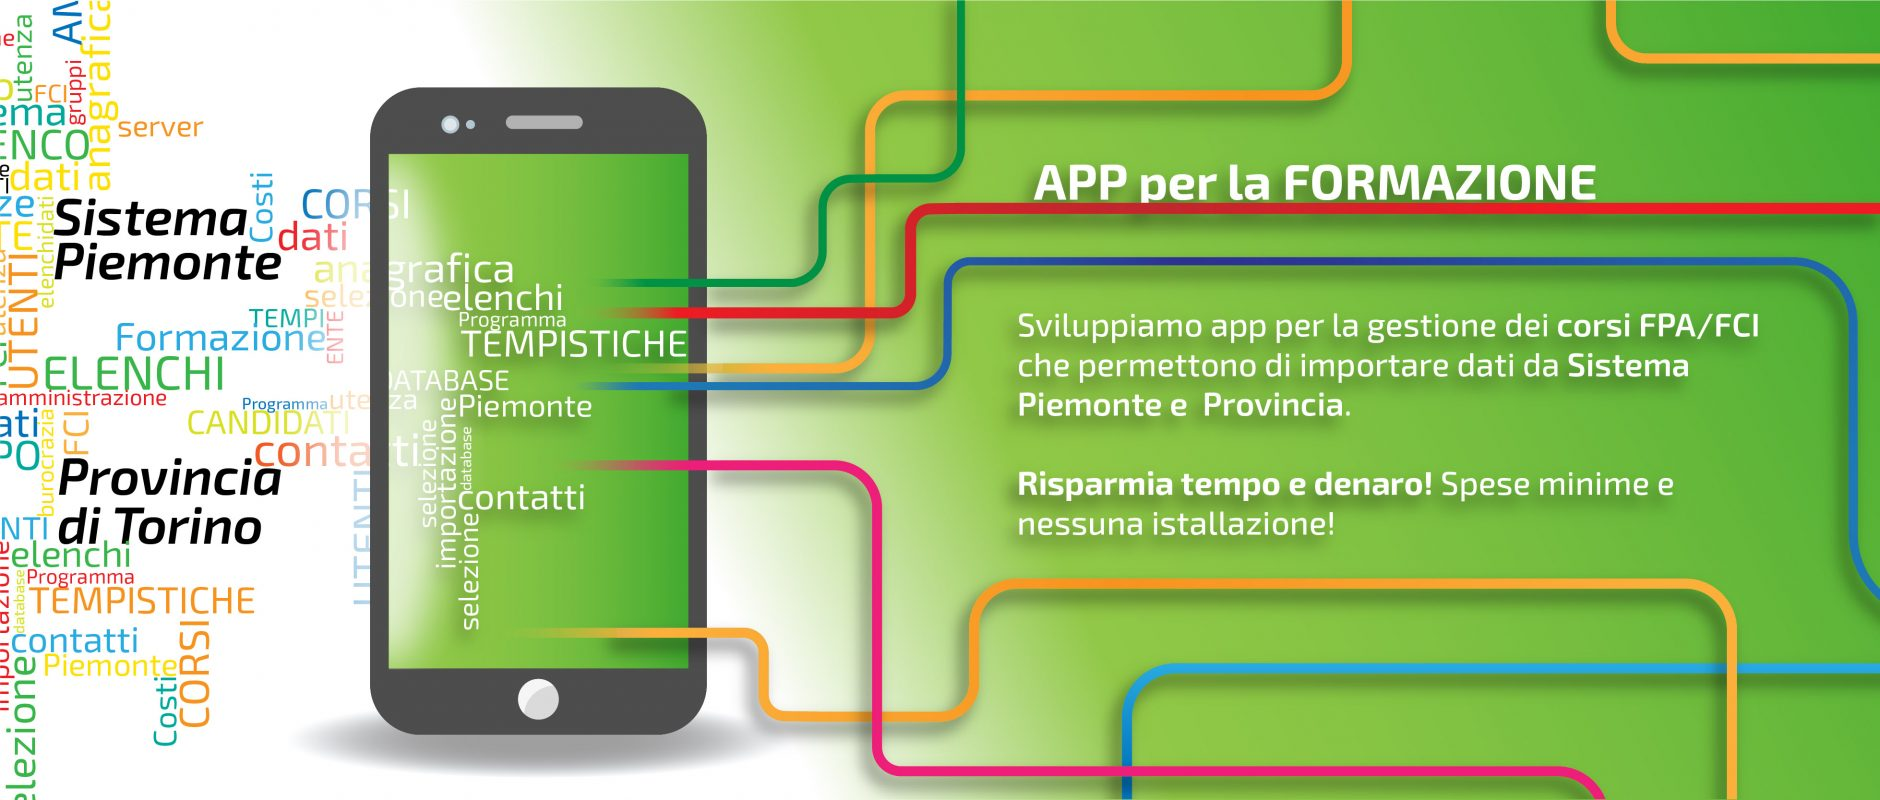 APP PER LA FORMAZIONE  by TC-WEB